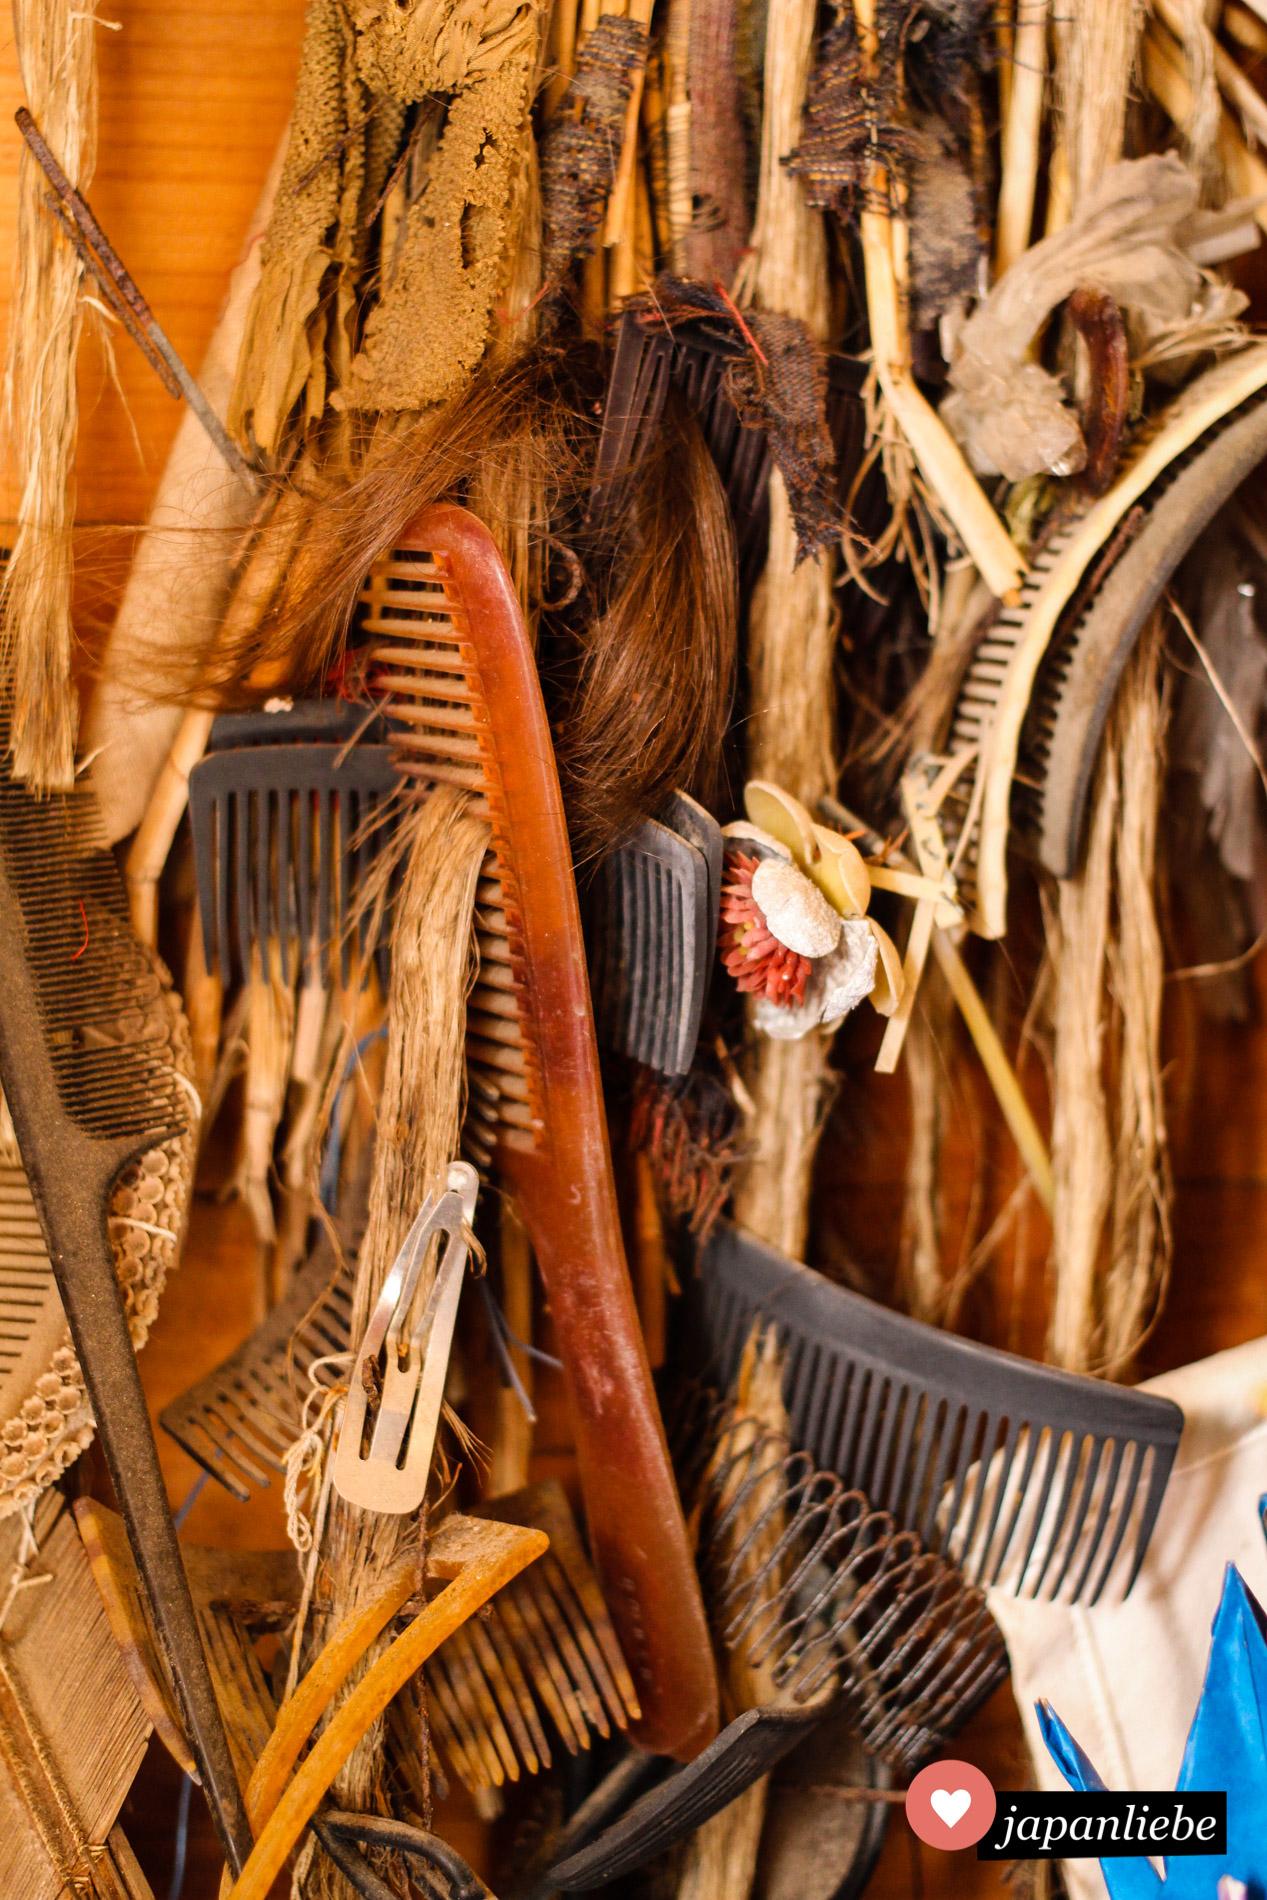 Am Taga-jinja finden sich Unmengen an alten Kämmen, Haarbürsten und sogar Haarschöpfe.